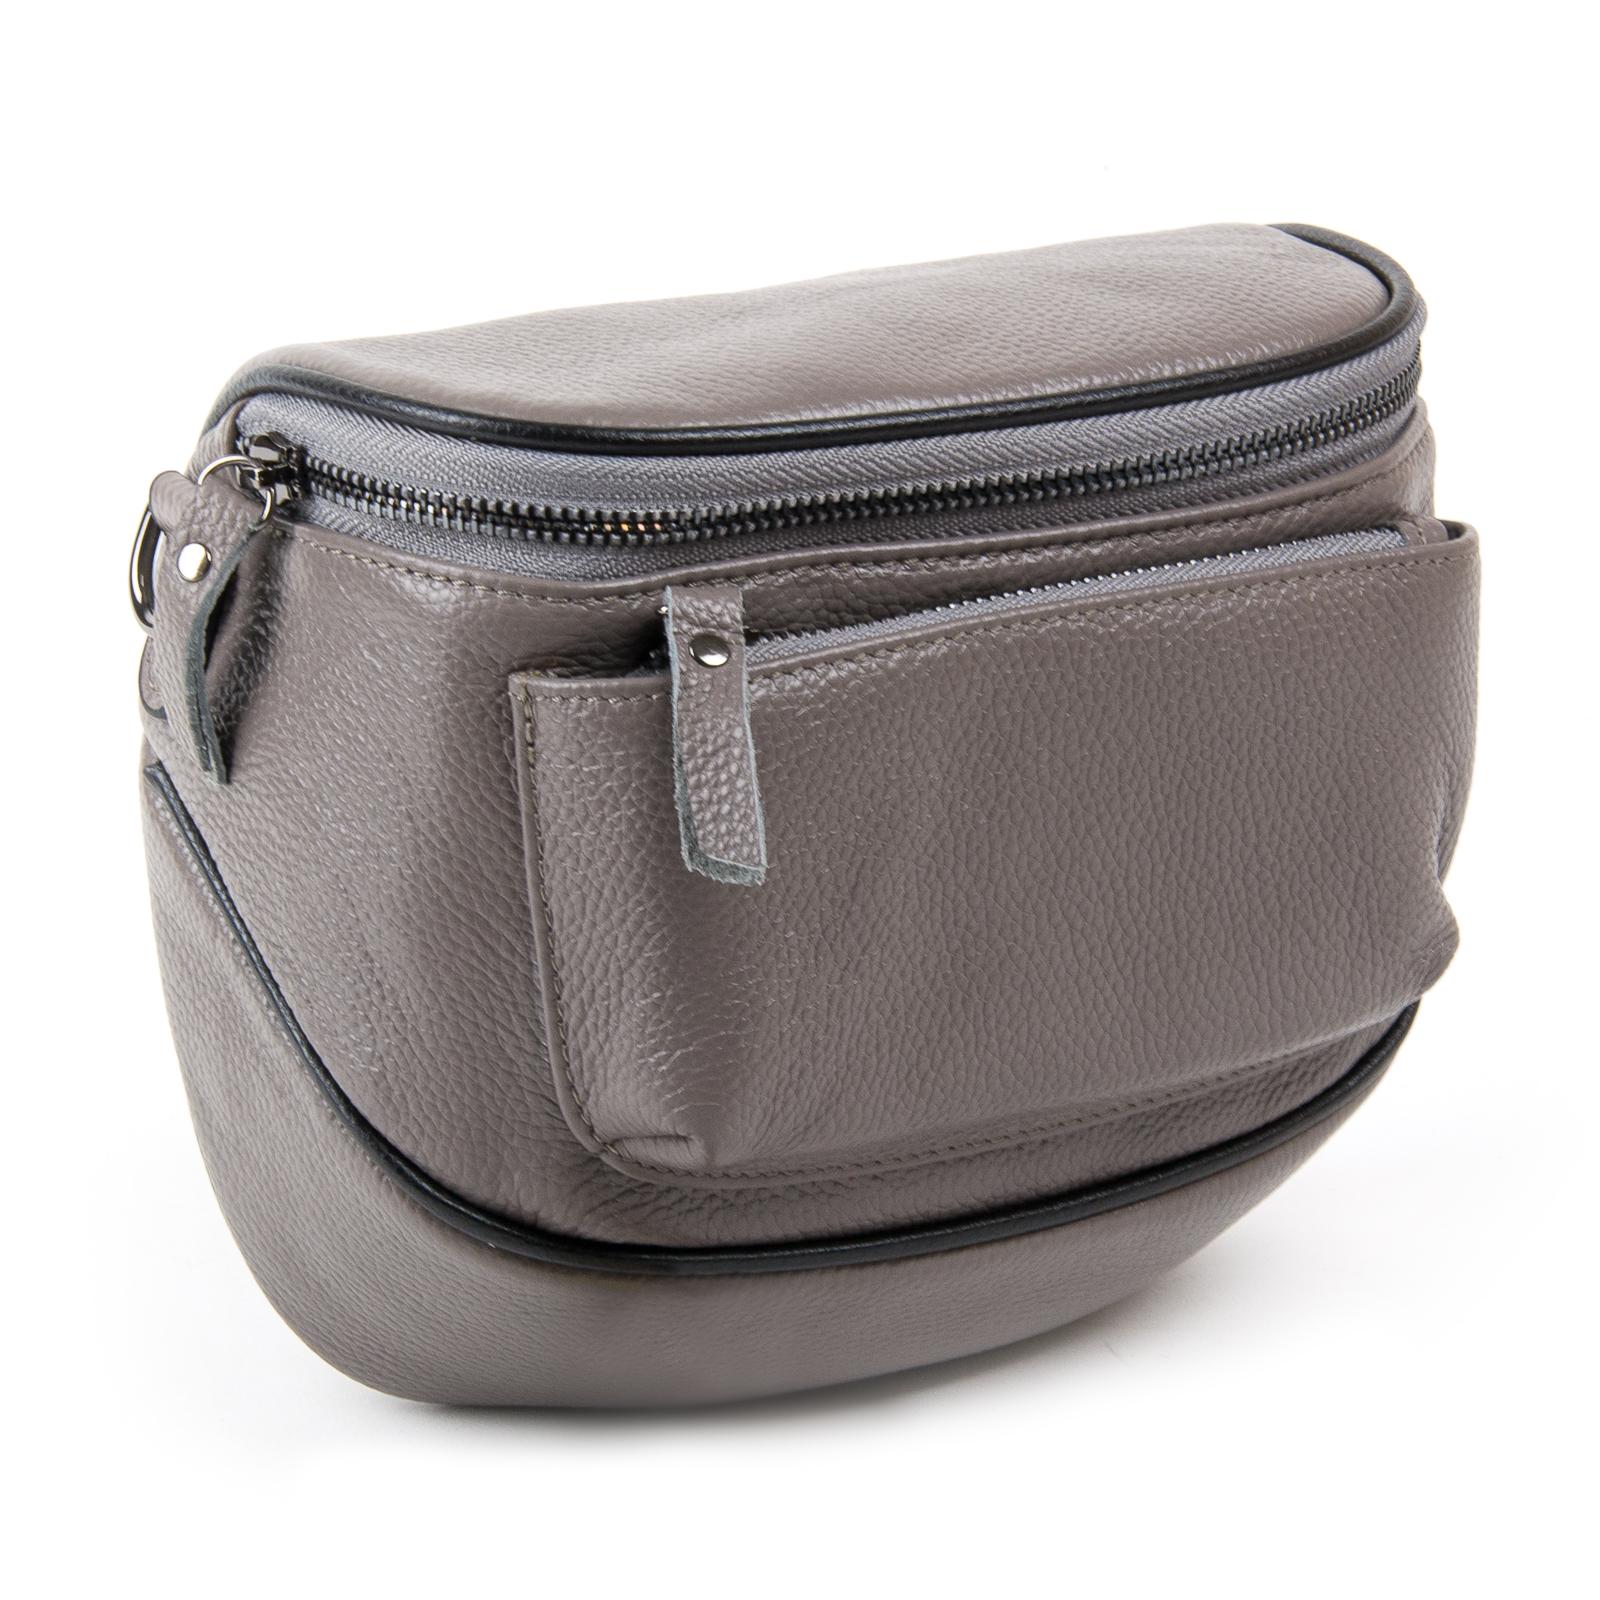 Сумка Женская Клатч кожа ALEX RAI 1-02 39031-7 grey